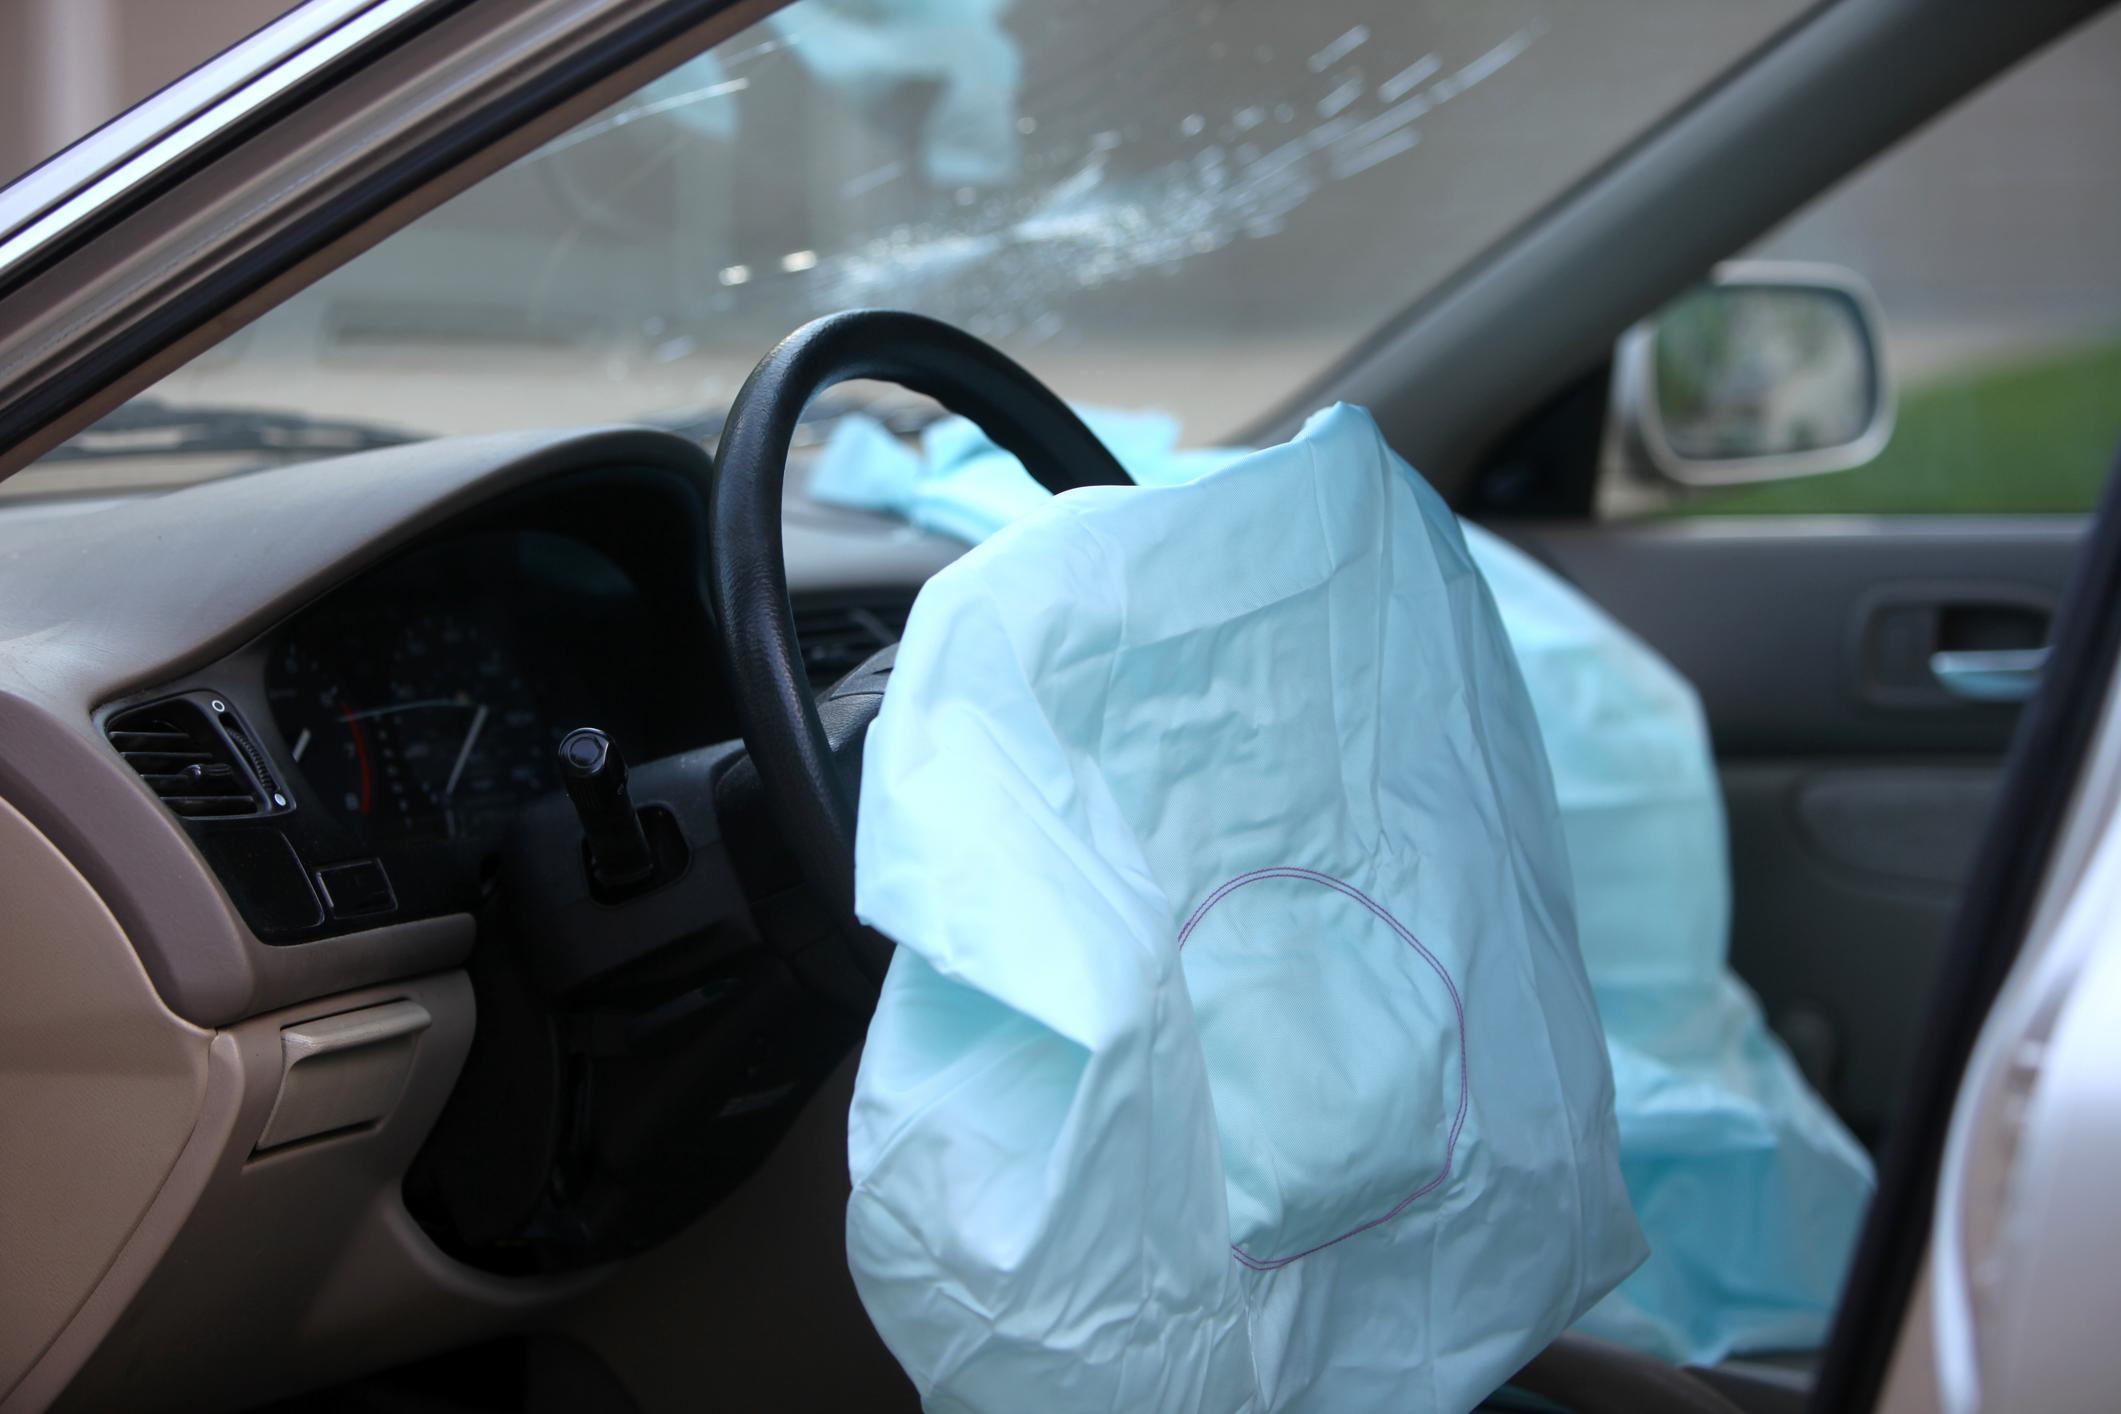 Recall de airbags Takata gera prejuízo bilionário